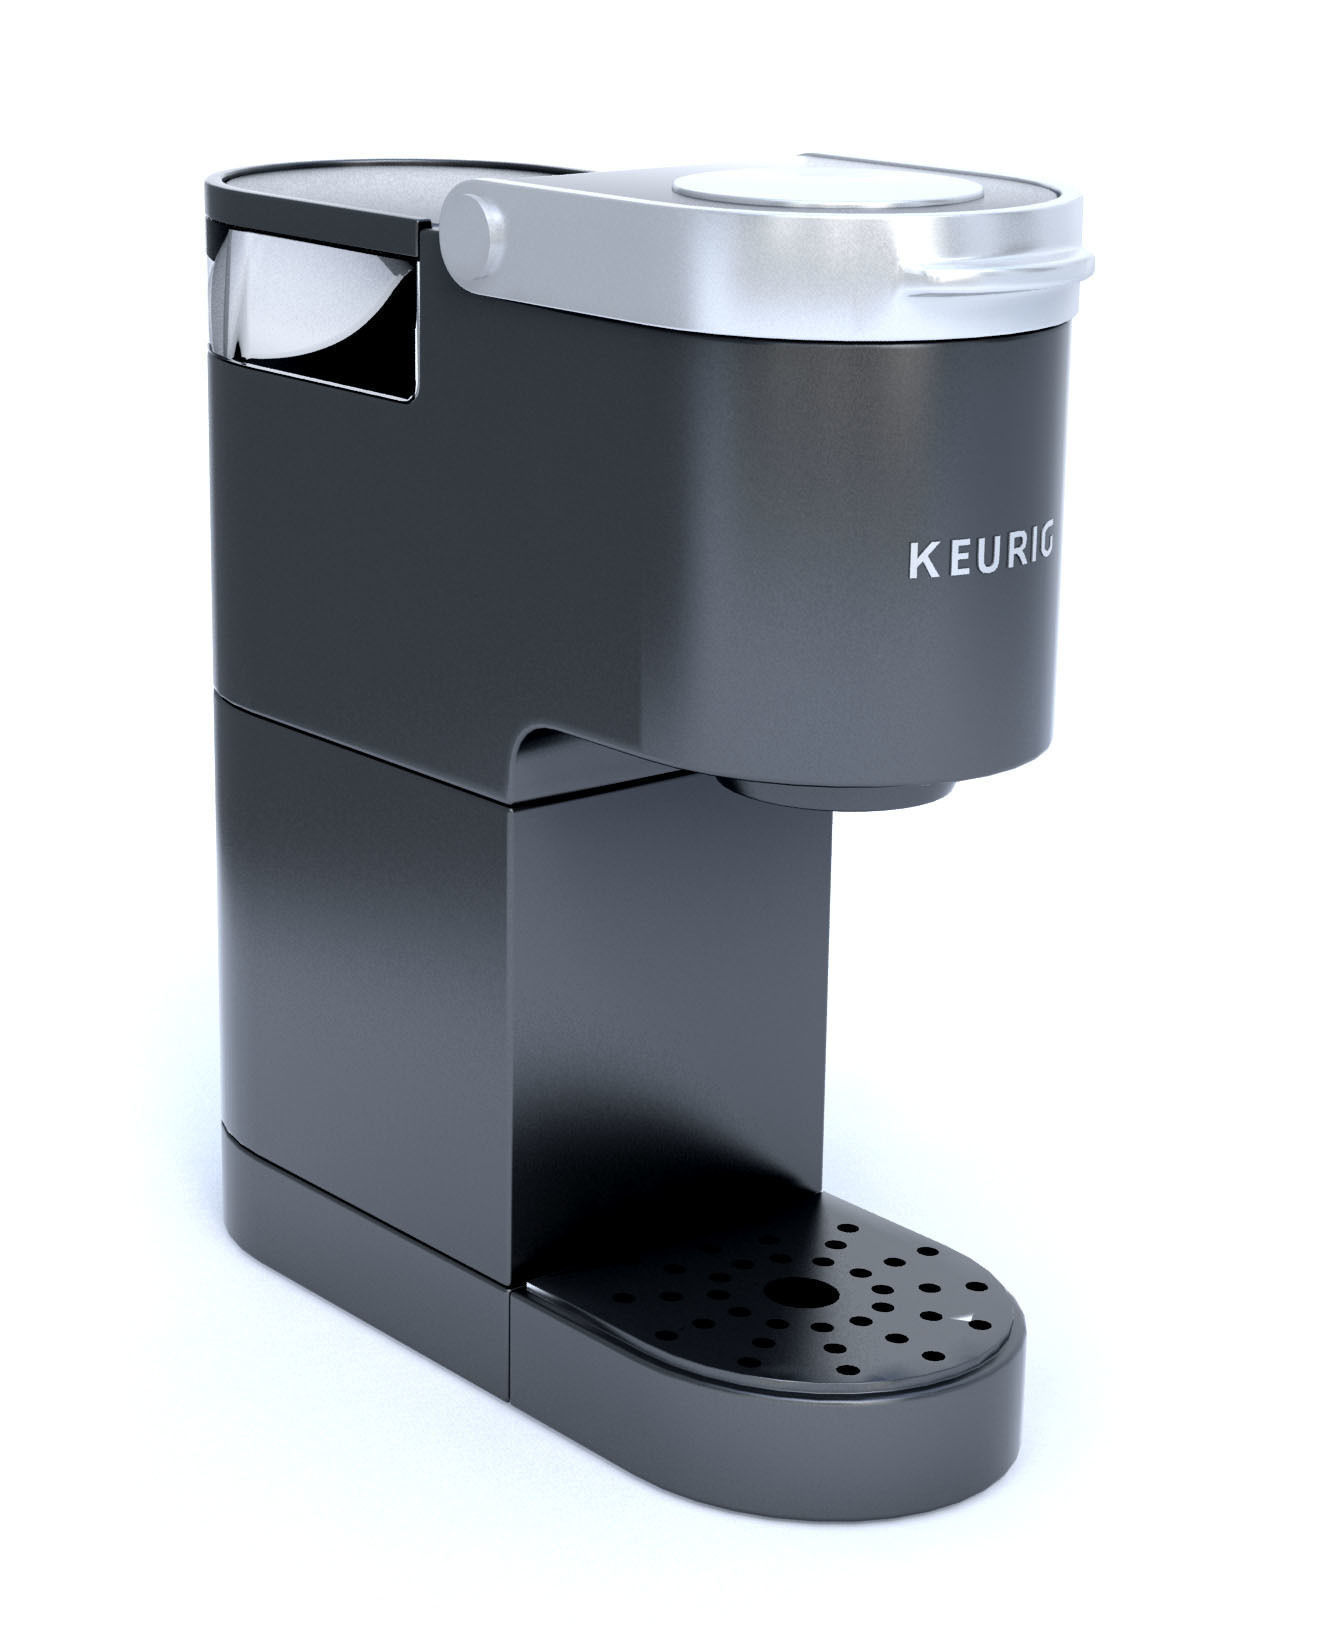 3d Keurig Mini Coffee Maker Cgtrader